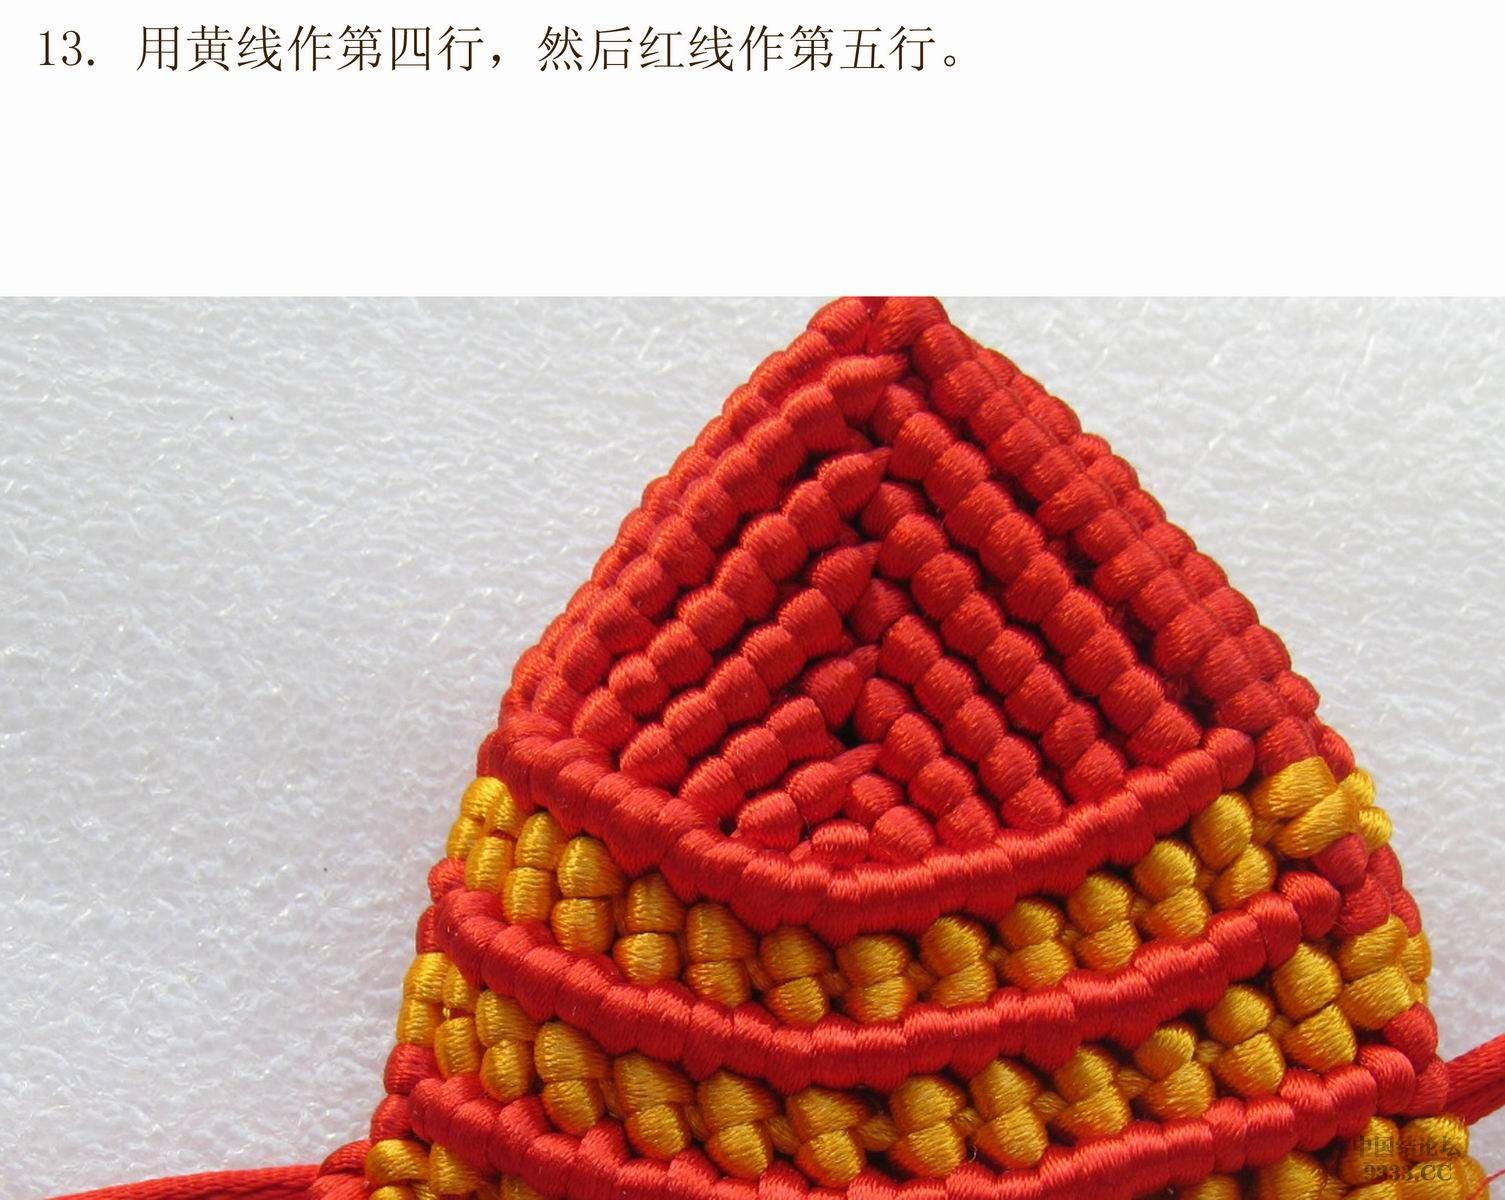 中国结论坛 我发一个鲤鱼教程  立体绳结教程与交流区 09091607132e479cbf19e45837